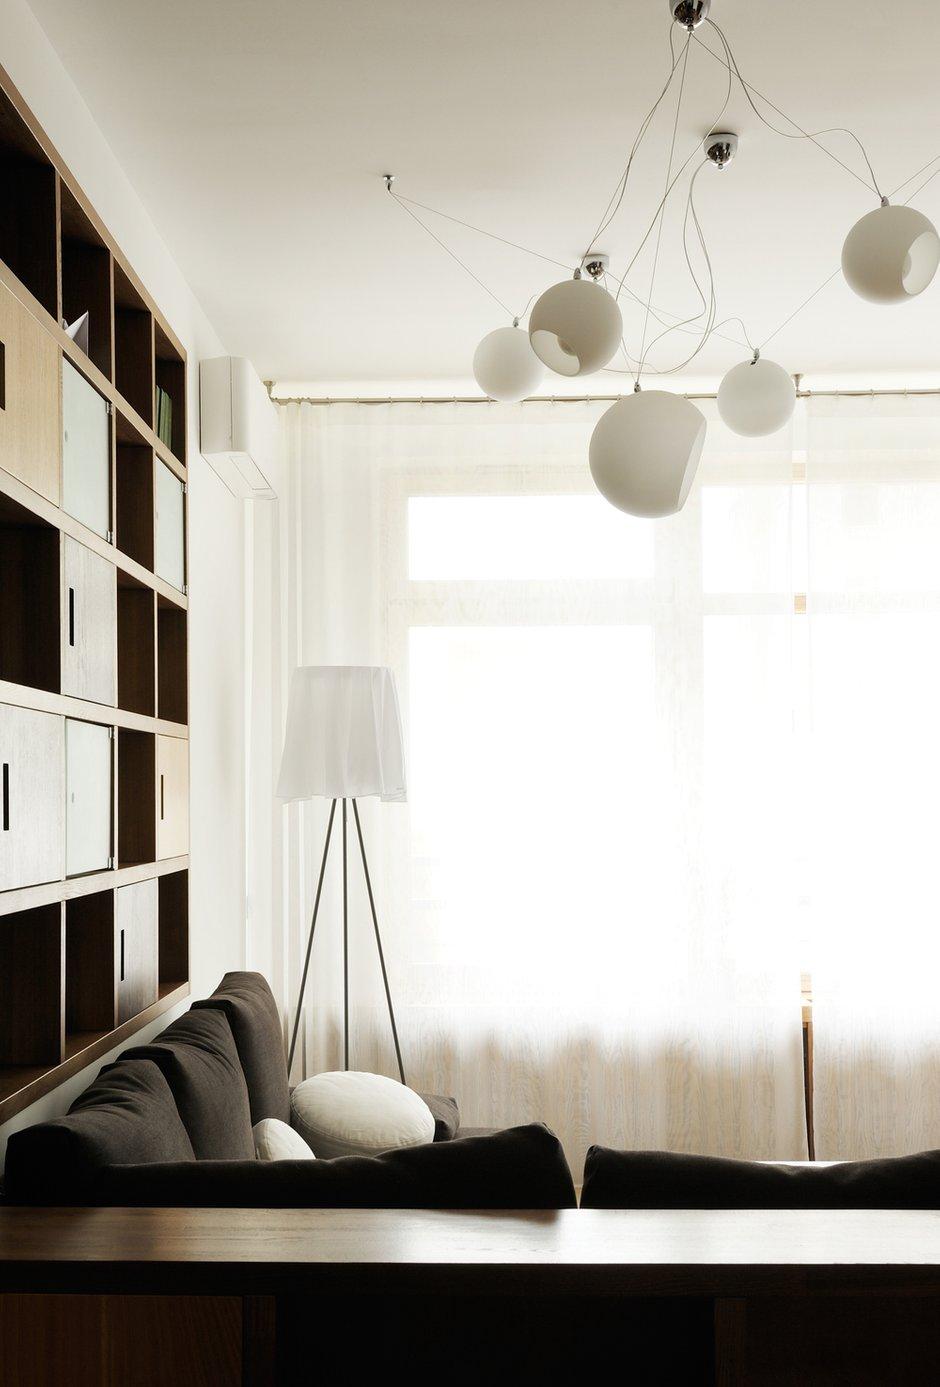 Фотография: Гостиная в стиле Современный, Эклектика, Квартира, Calligaris, Дома и квартиры – фото на INMYROOM